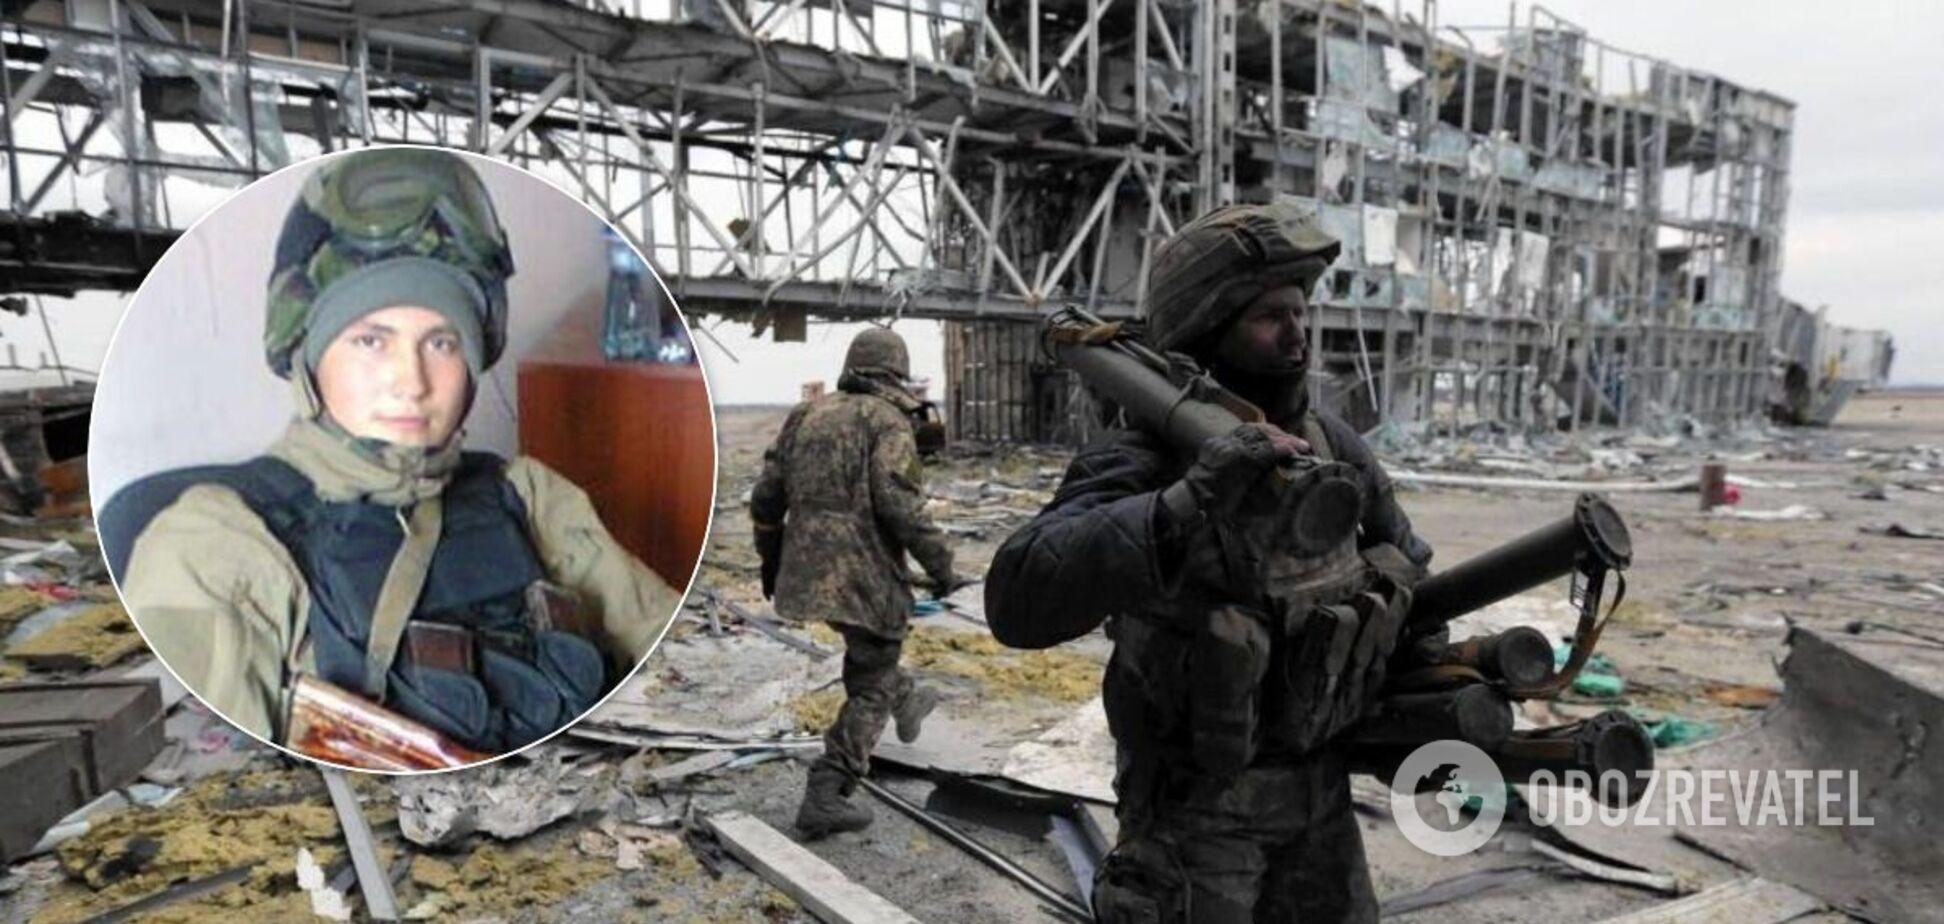 Сергій Табала став наймолодшим кіборгом, який загинув у ДАП